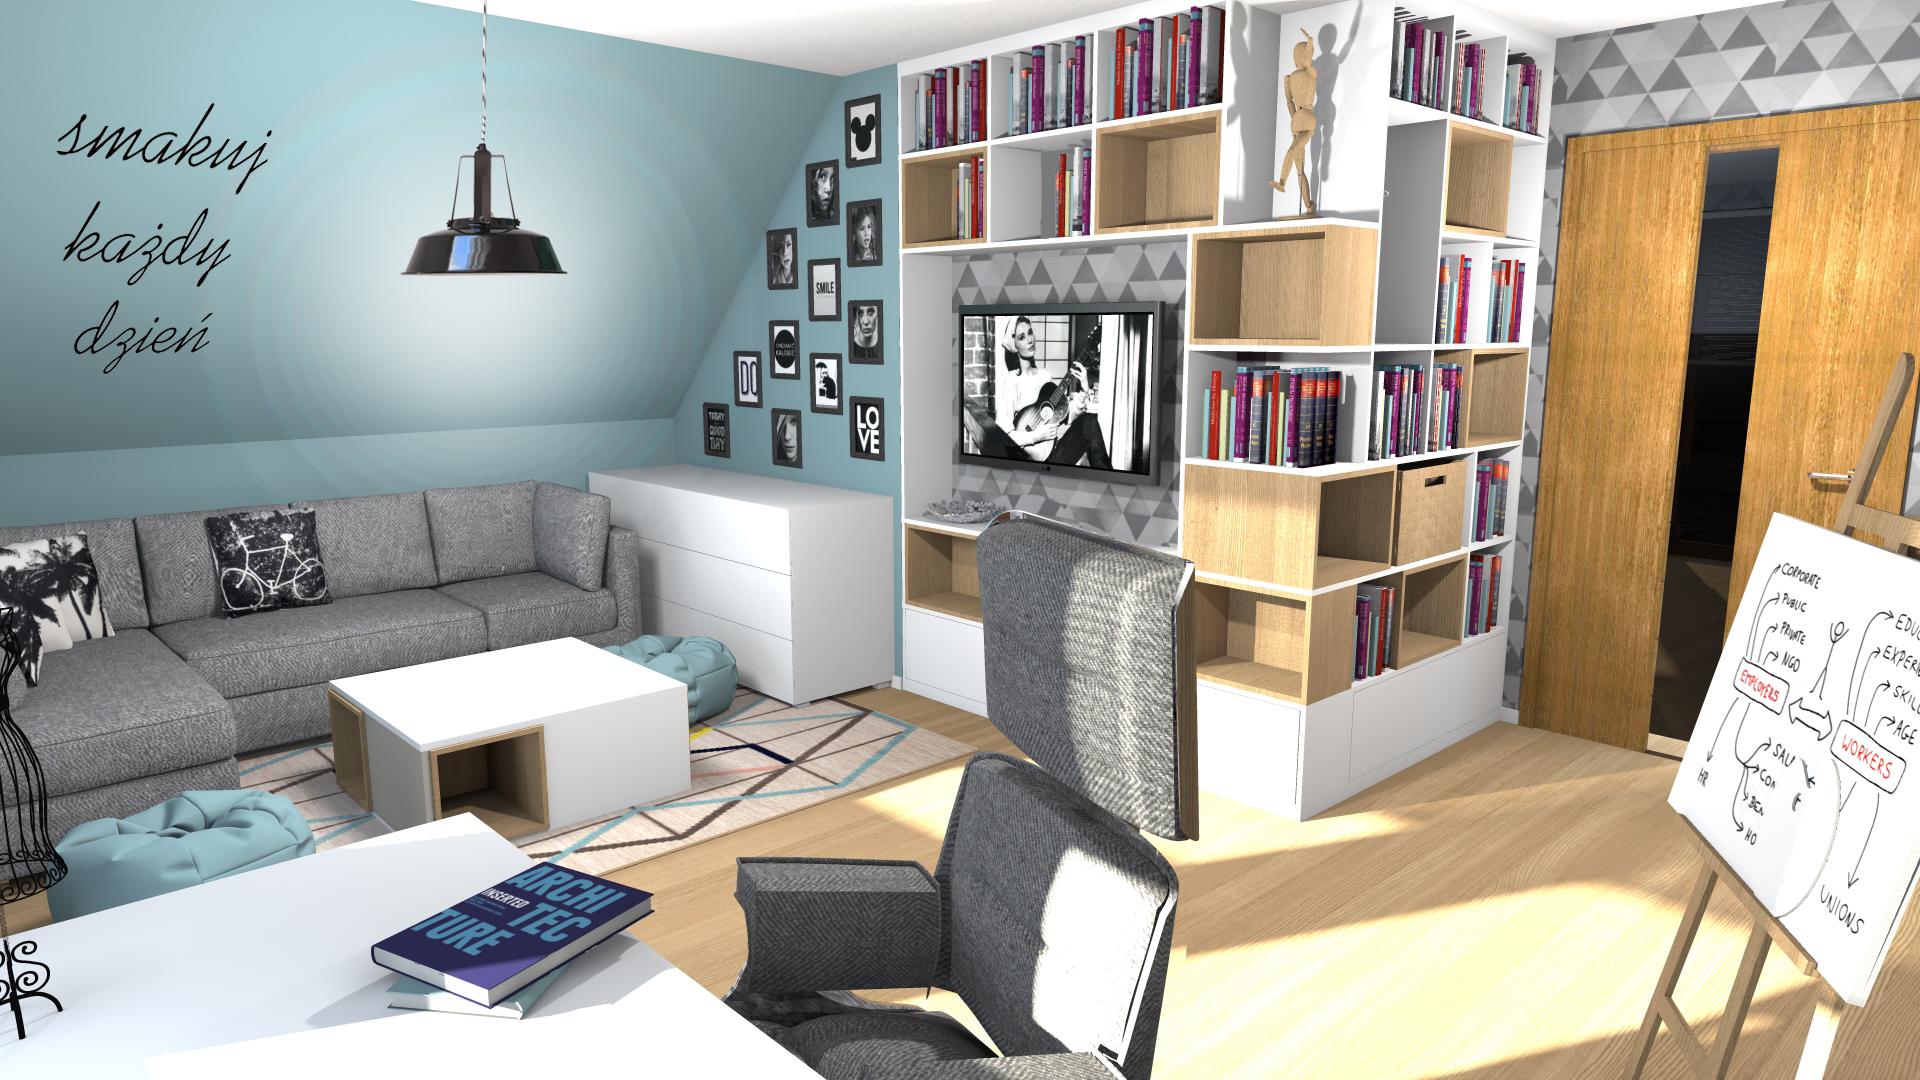 Pokój Dla Nastolatki Z Turkusową ścianą Atelier Lillet